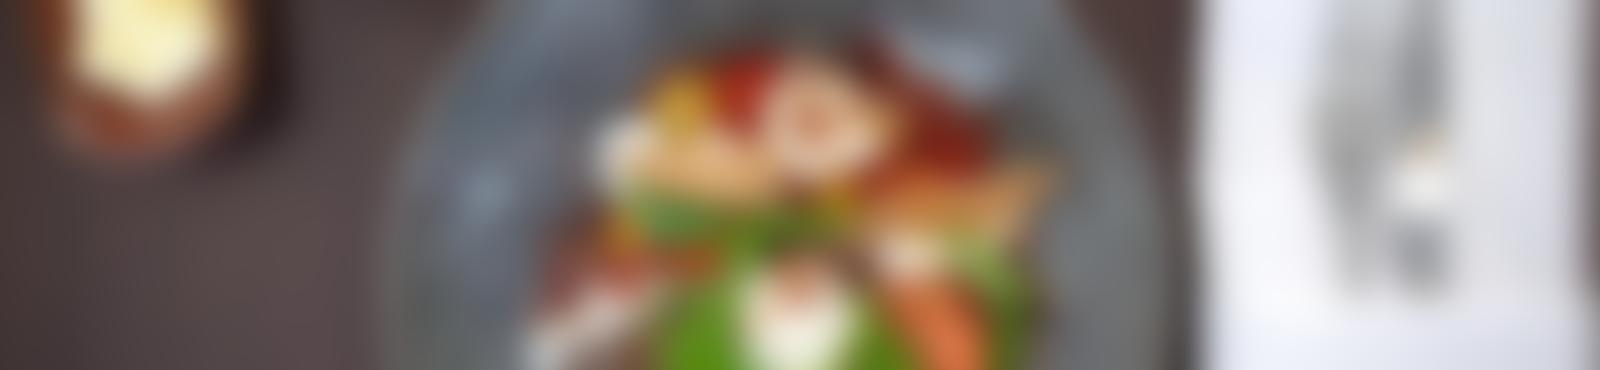 Blurred 838f7d0b 0ed0 404d a219 87b5fbec94b0